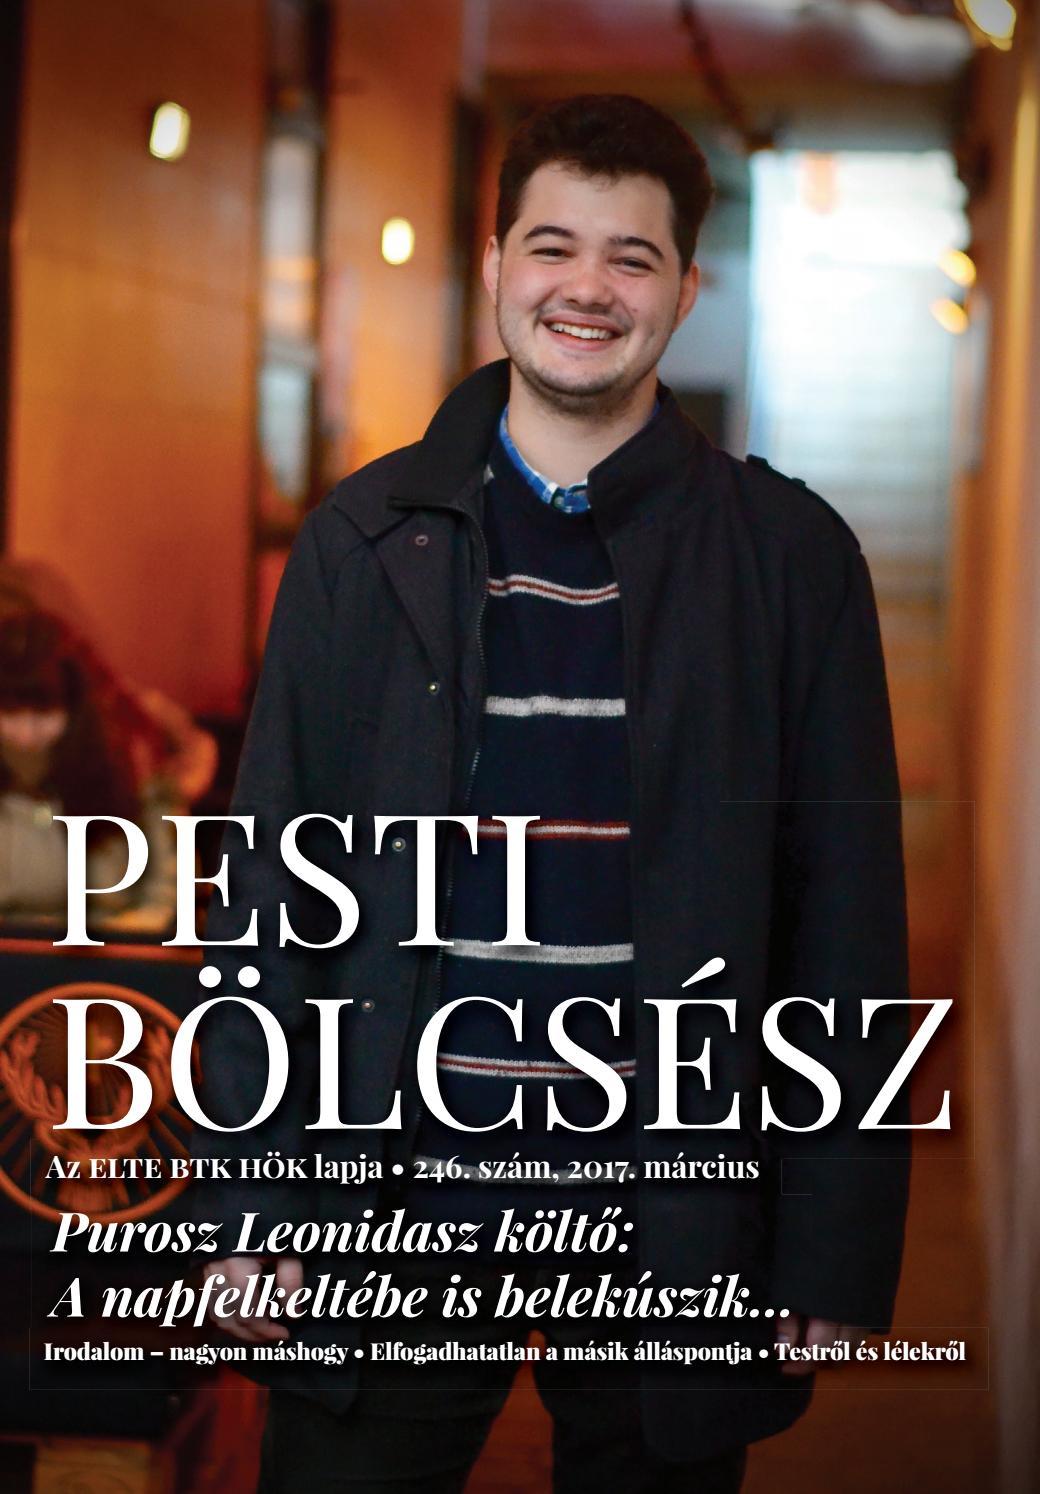 Pesti Bölcsész Újság • 246. szám by Pesti Bölcsész Újság - issuu c51d280354